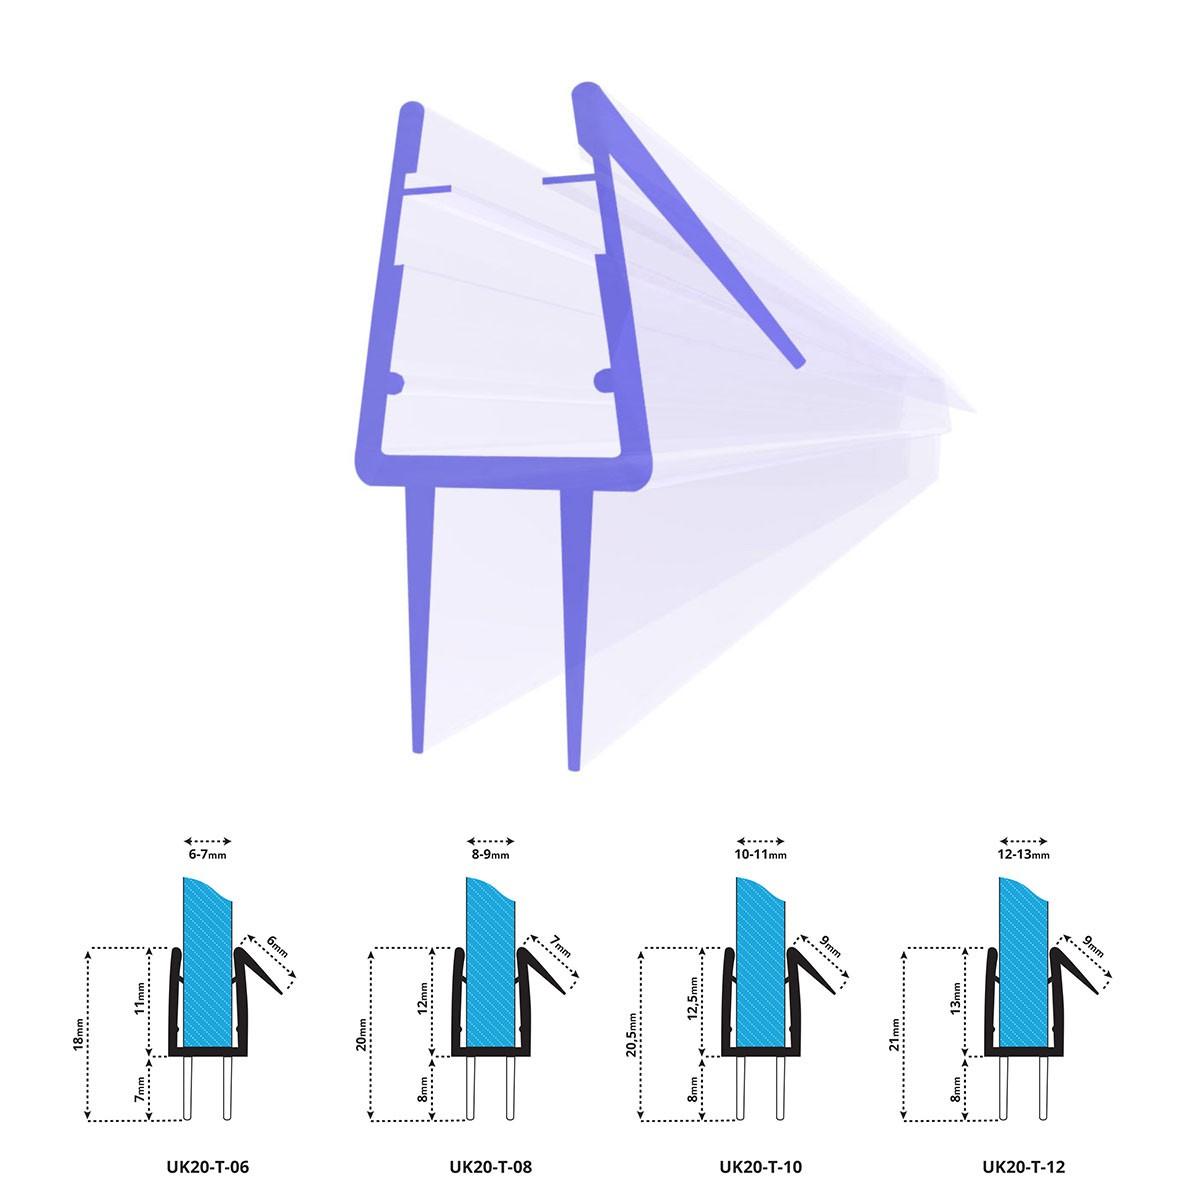 duschdichtung uk20 duscht rdichtung jumbo shop. Black Bedroom Furniture Sets. Home Design Ideas